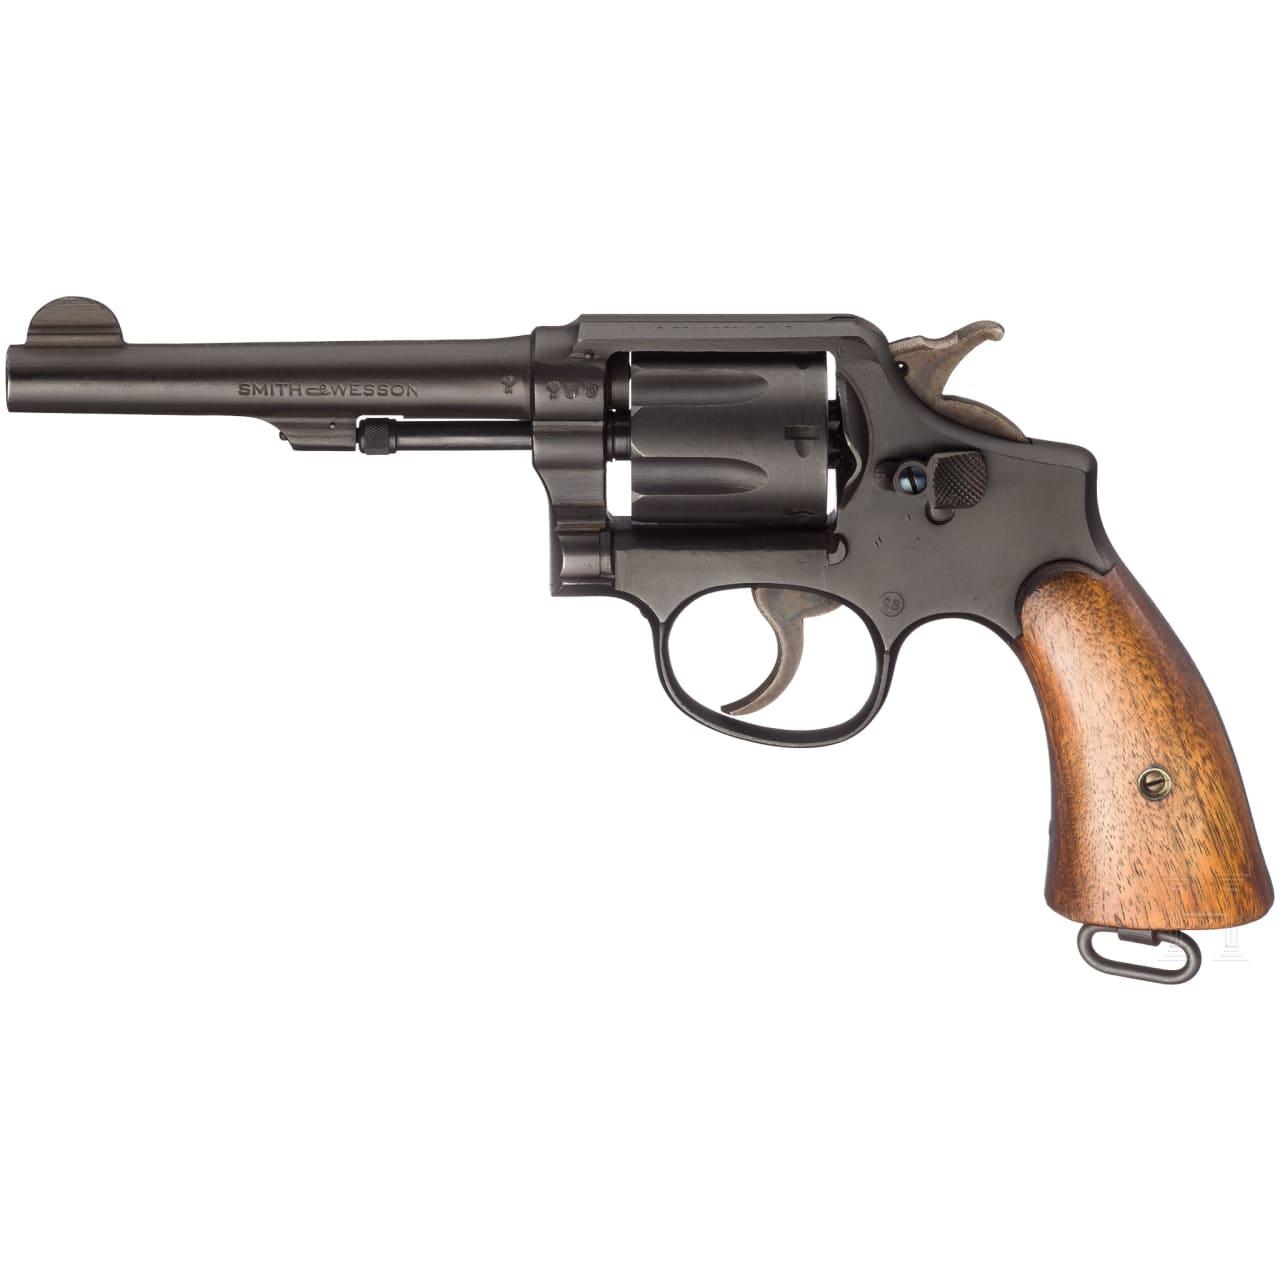 Smith & Wesson M & P Victory-Modell, Polizei Schleswig-Holstein